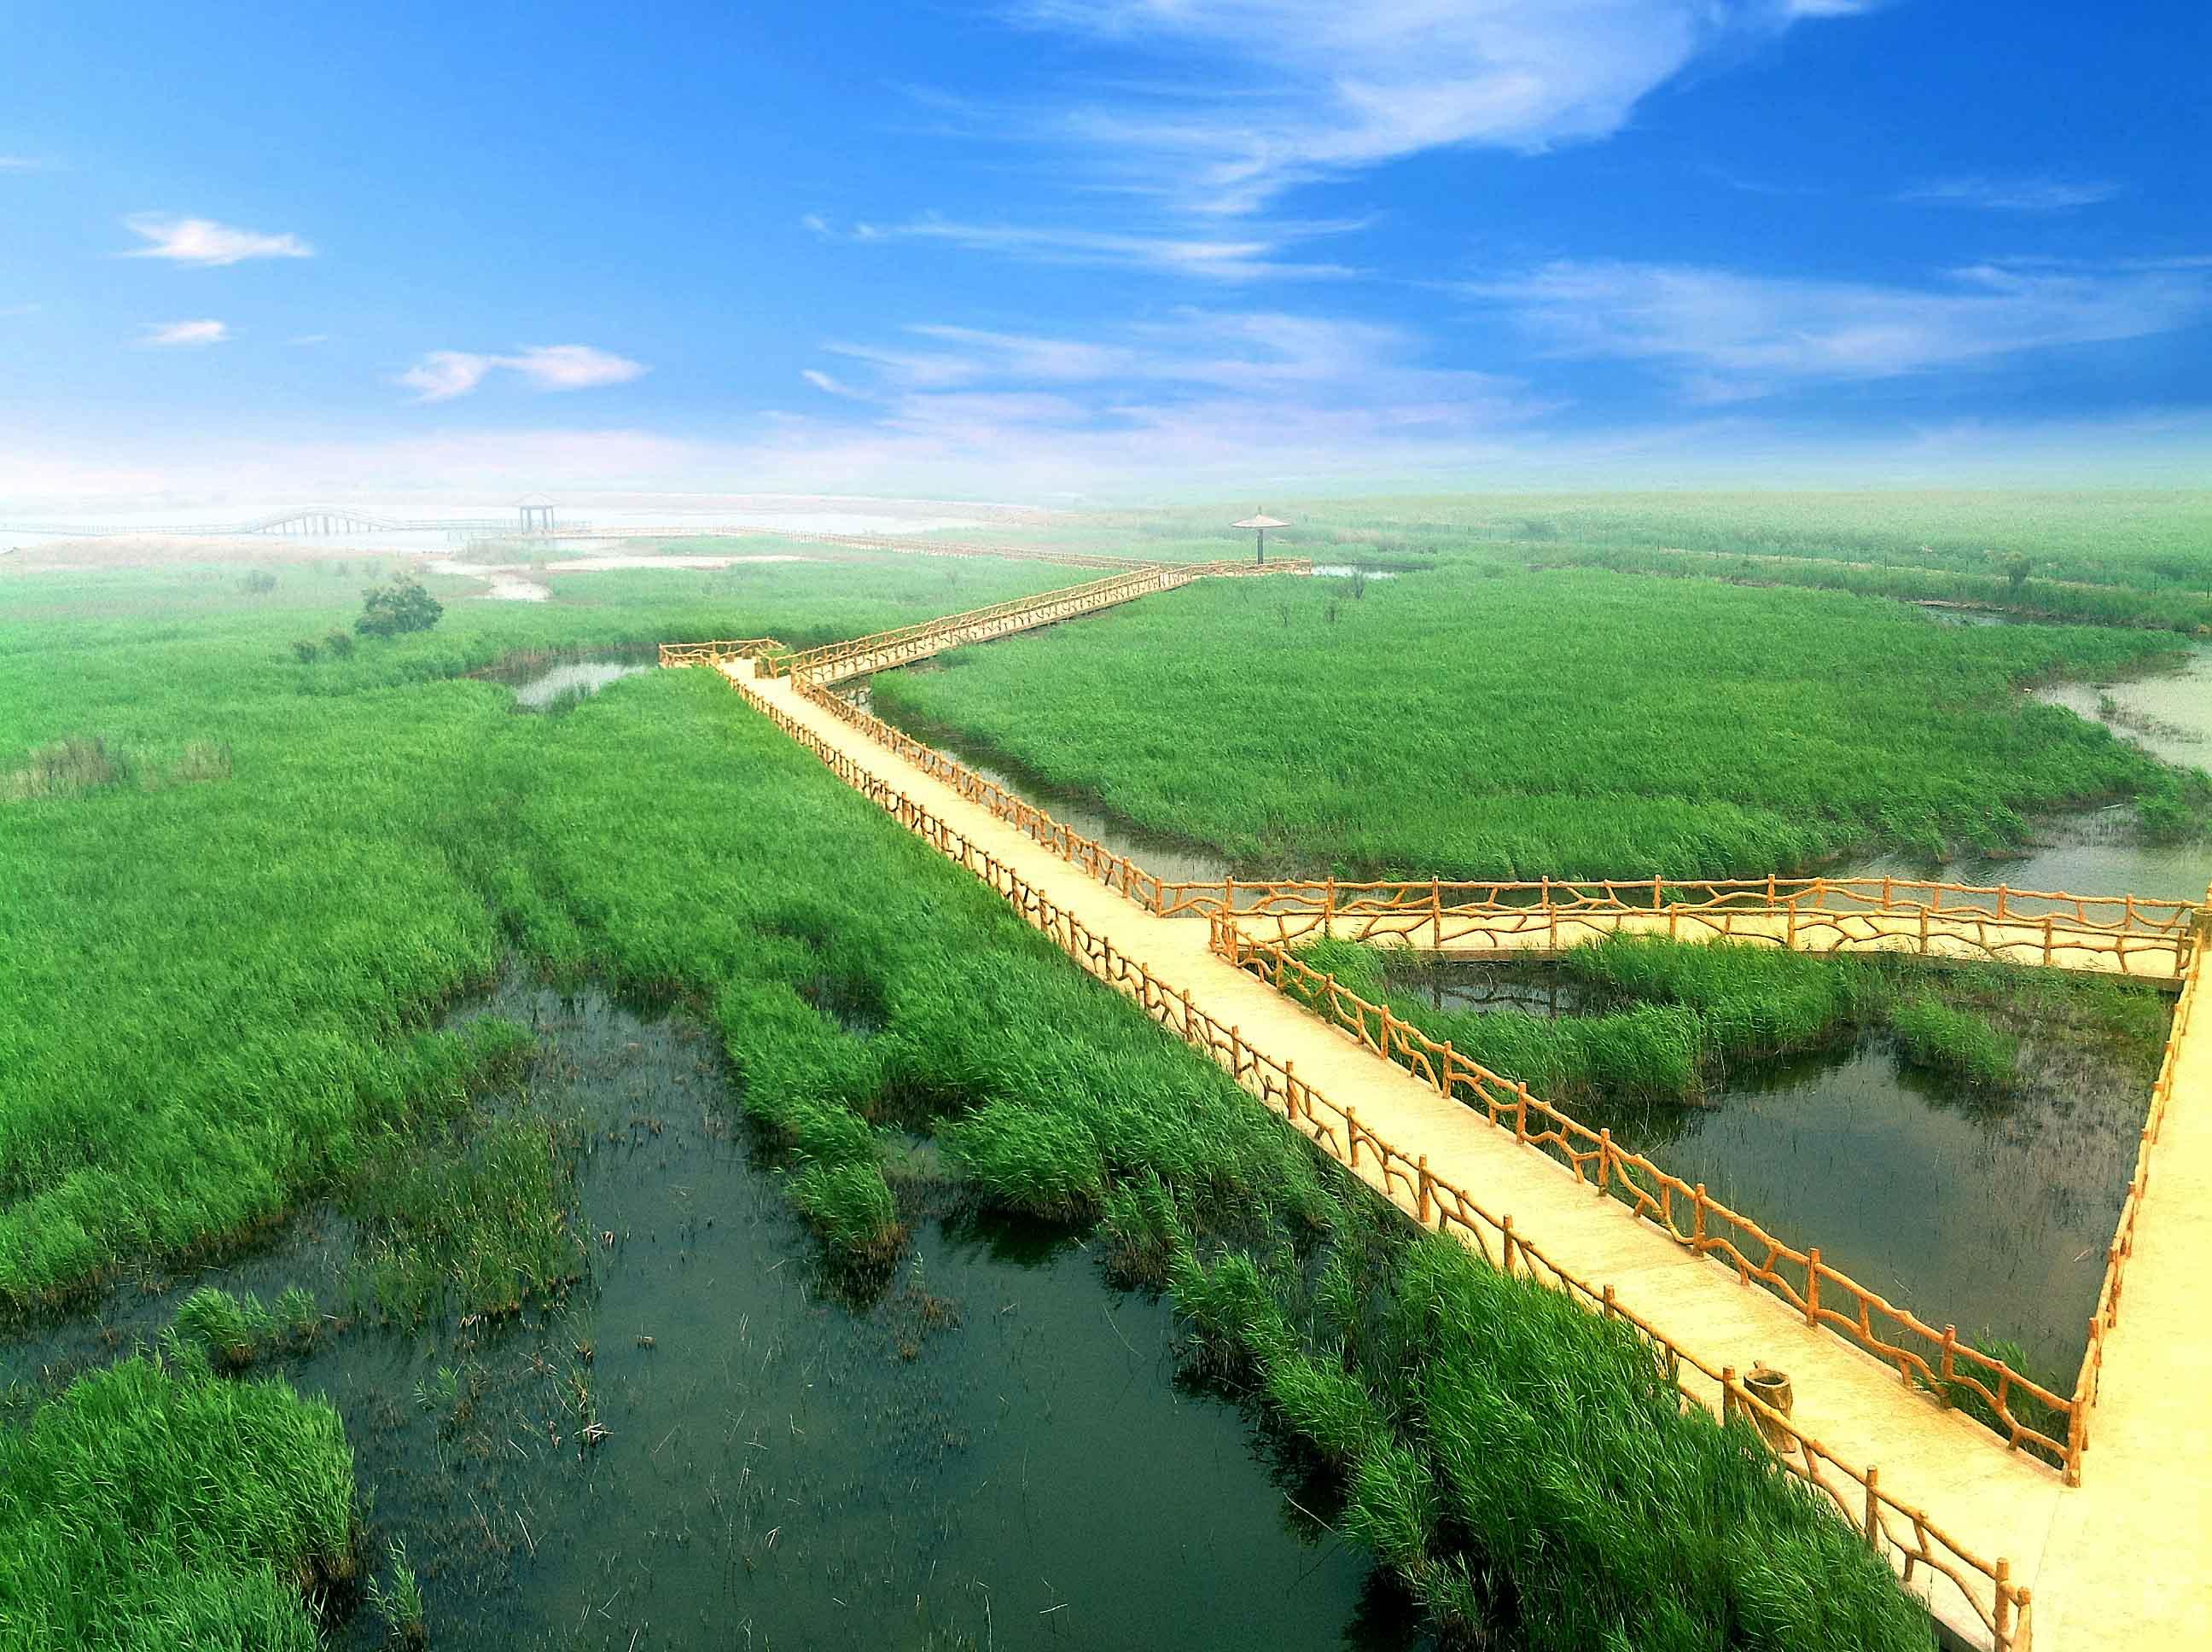 盤點黃河口生态旅遊區适合遊客遊玩的景點